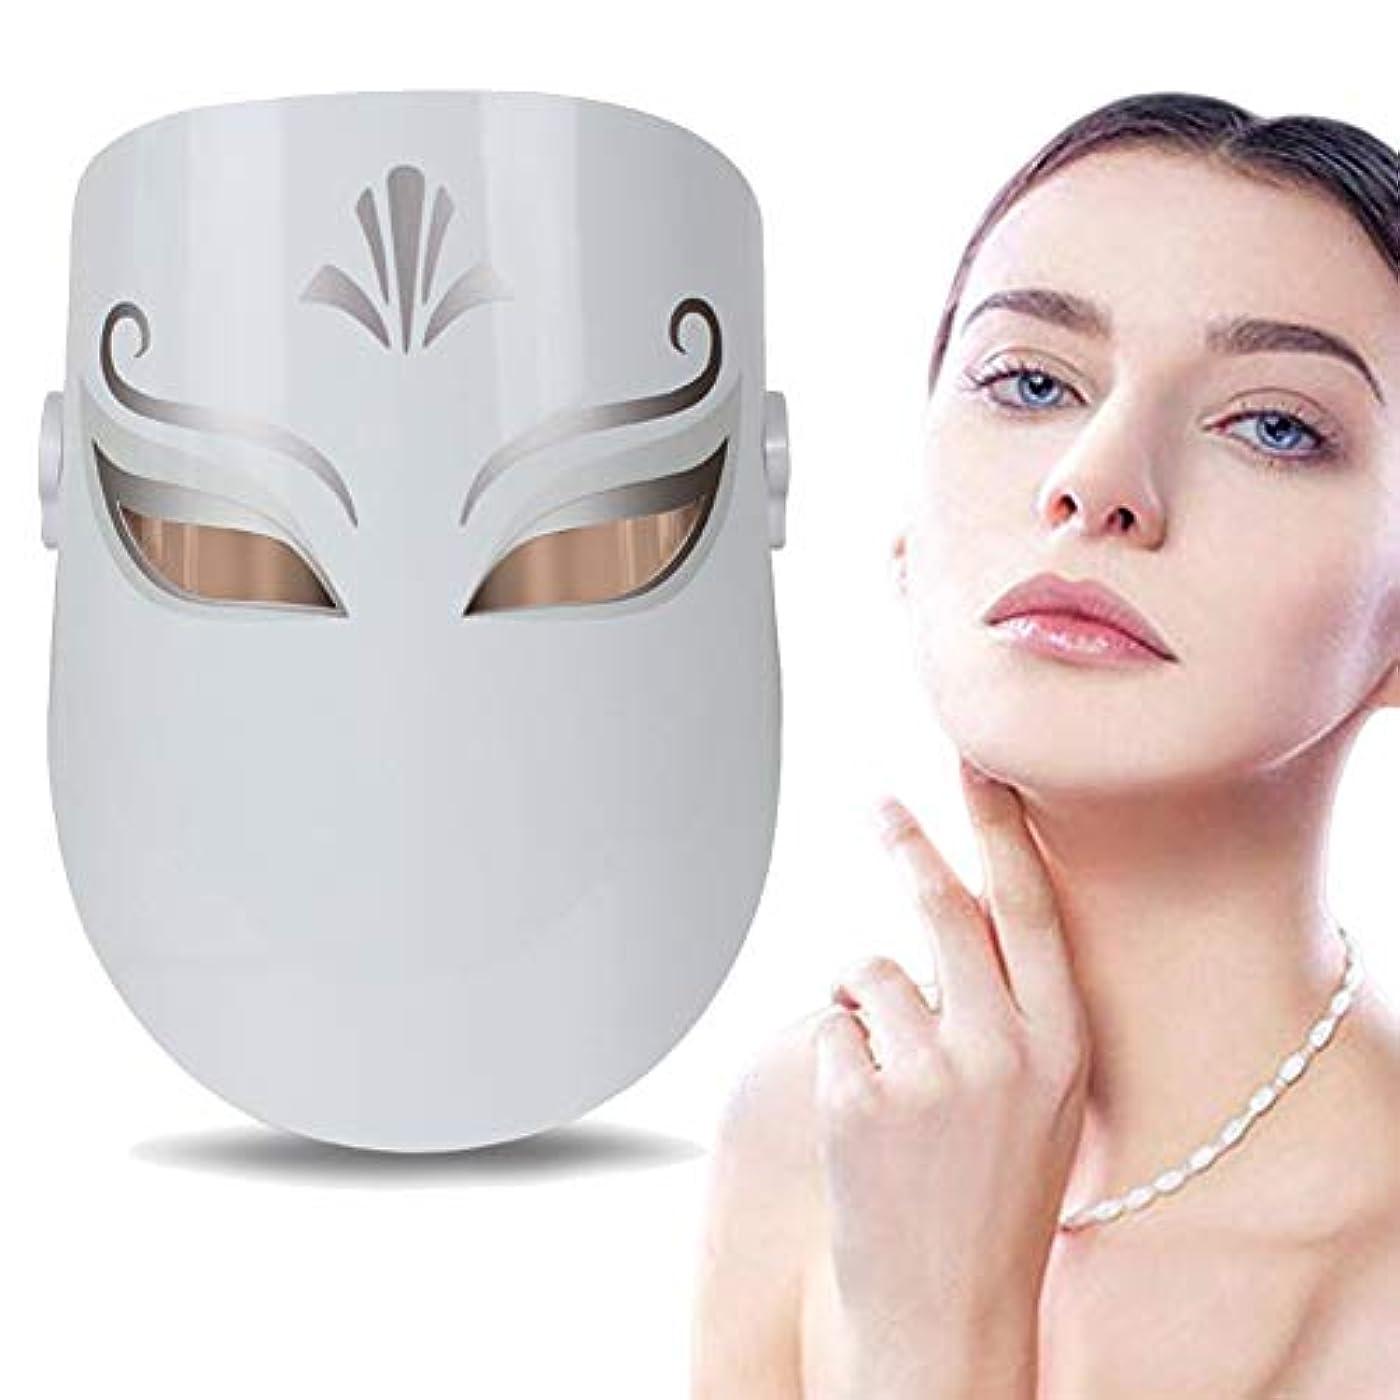 争う誓う魅惑するライトセラピーは、マスクレッド/ブルー/オレンジの個別ライトをにきびスポット顔のスキンケアのためのにきび治療LEDフェイシャル?セッションのマスク